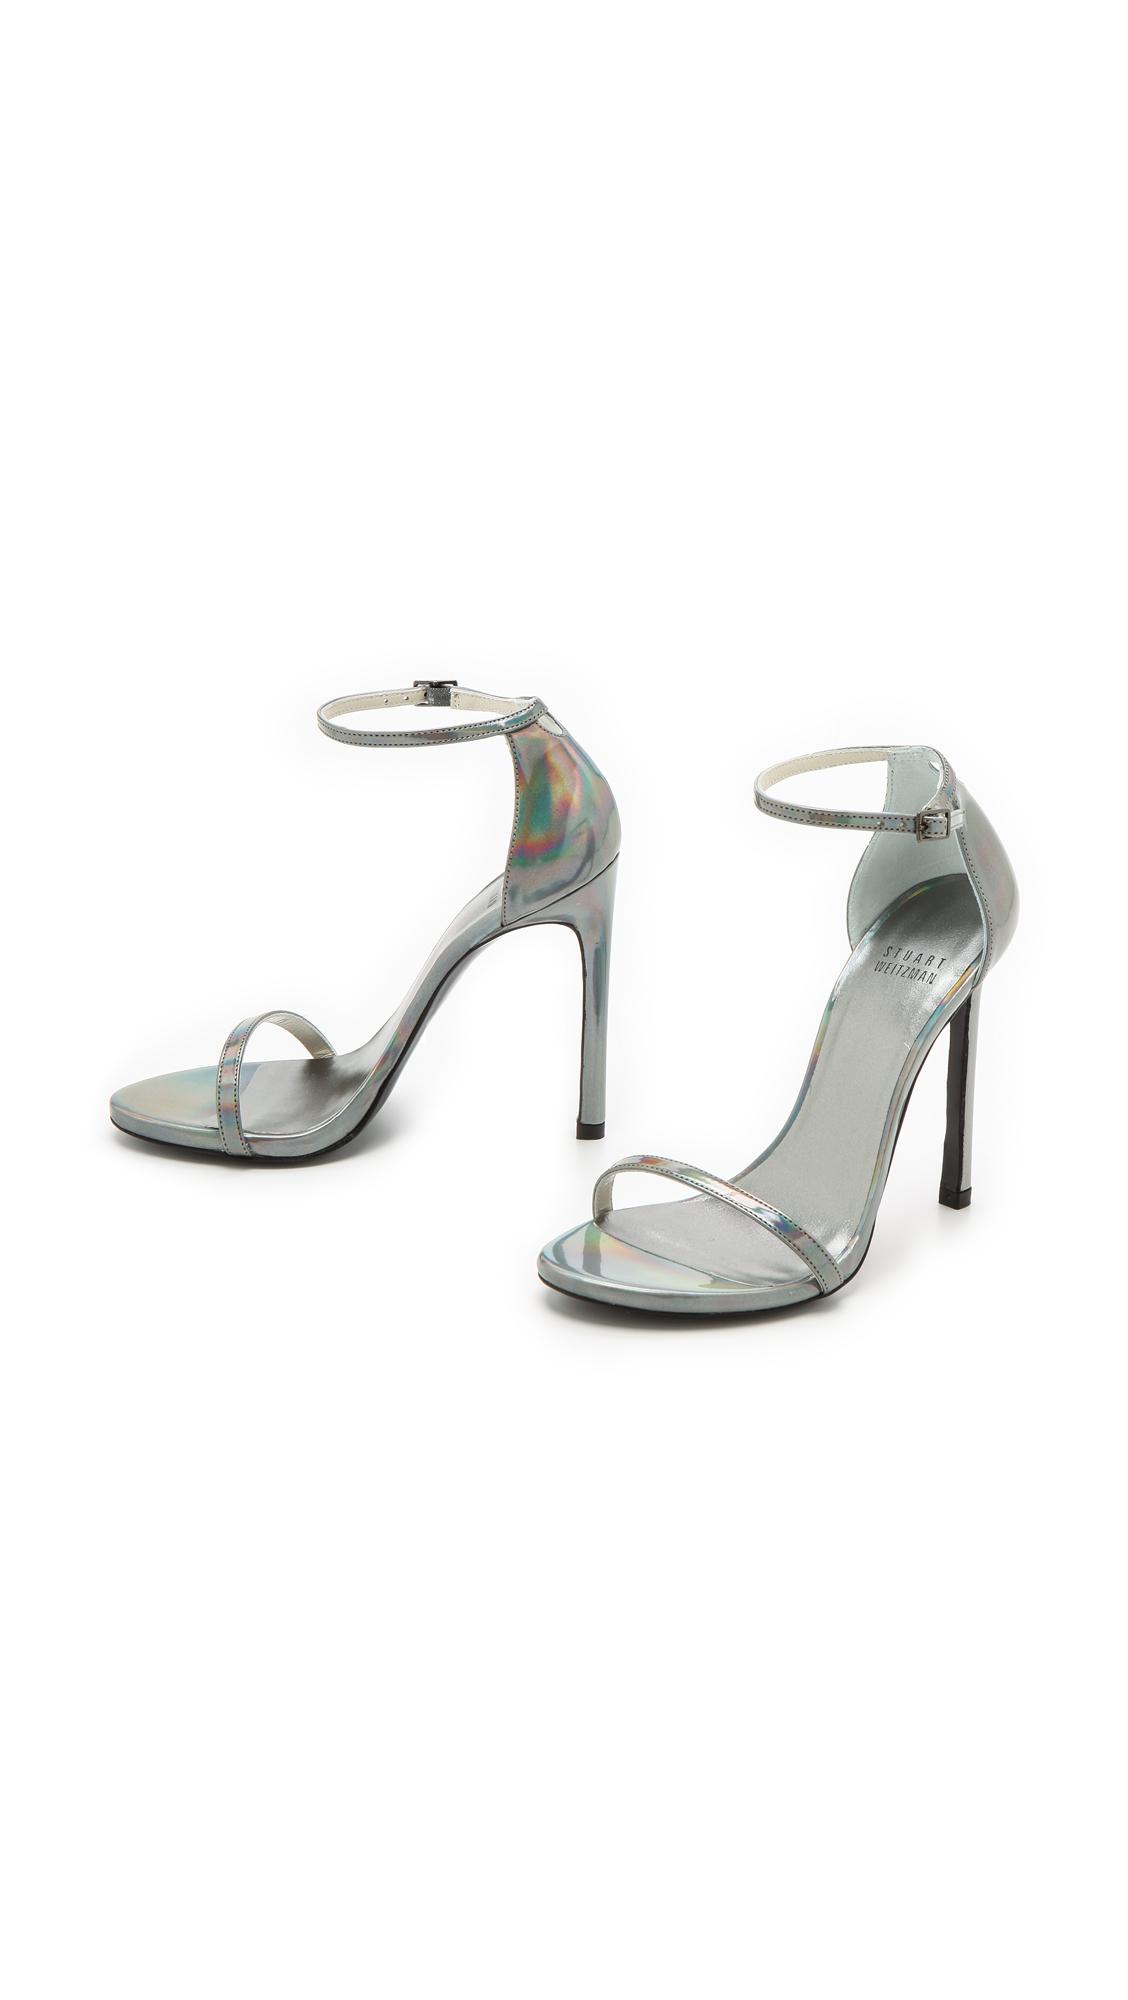 4bea71ee87aca Stuart Weitzman Nudist Sandals - Pewter in Metallic - Lyst